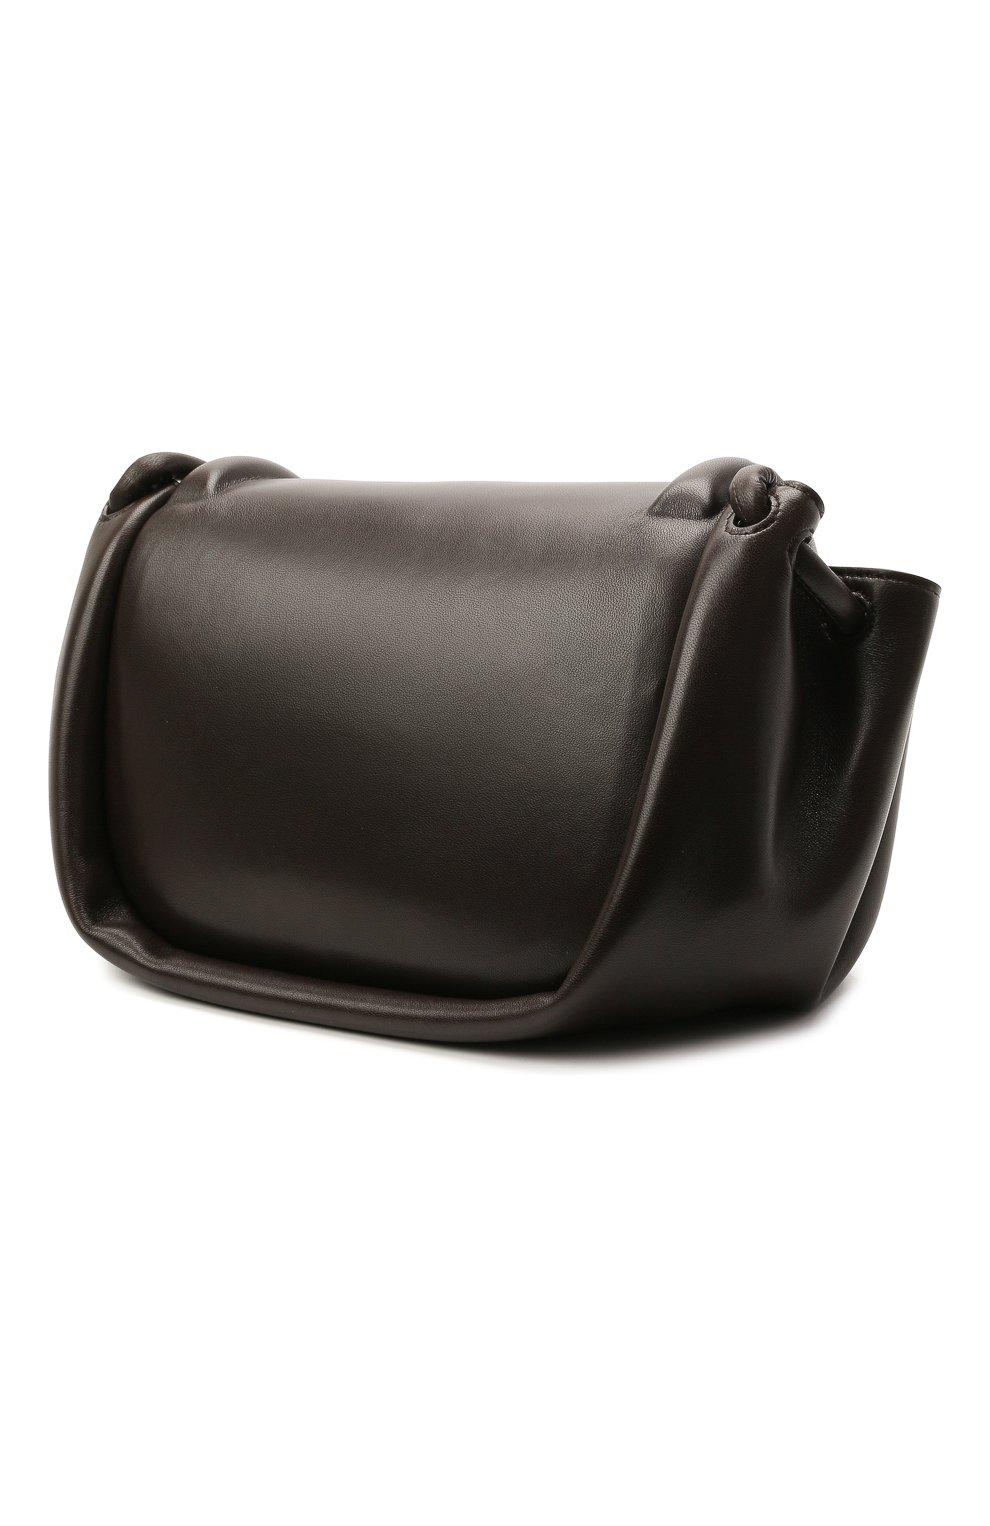 Женская сумка beak medium BOTTEGA VENETA темно-коричневого цвета, арт. 658523/VCP30   Фото 3 (Сумки-технические: Сумки через плечо; Размер: medium; Материал: Натуральная кожа)